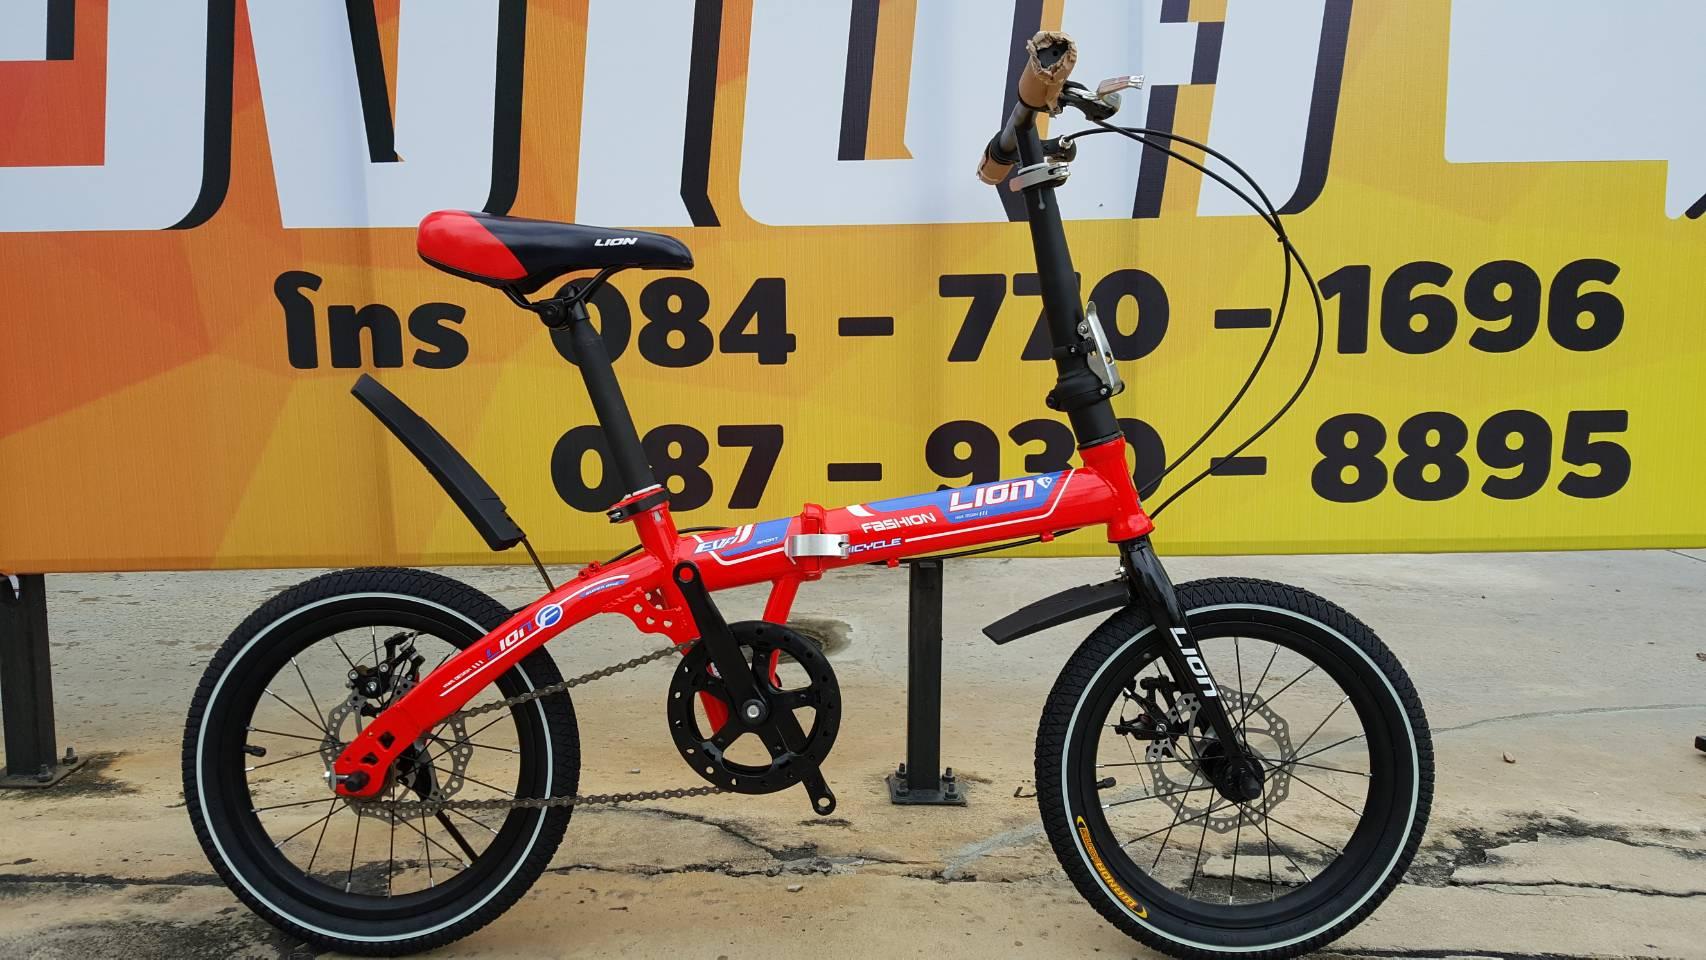 จักรยานพับ ล้อ 16 นิ้ว ยี่ห้อ Lion Red ดิสก์เบรคหน้าหลัง เฟรมเหล็ก Single Speed